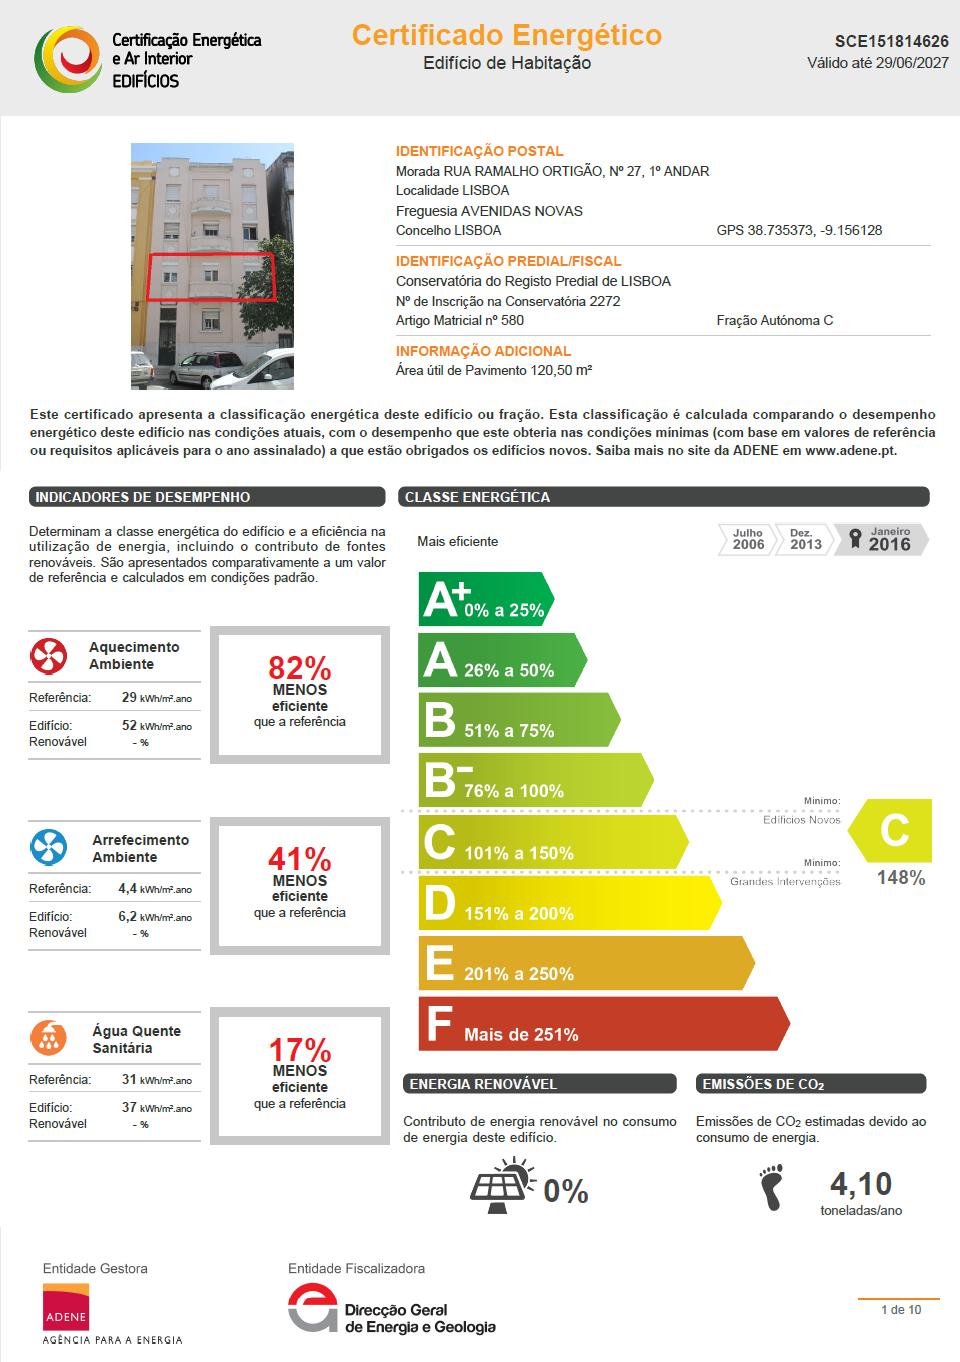 Certificado Energético tipo